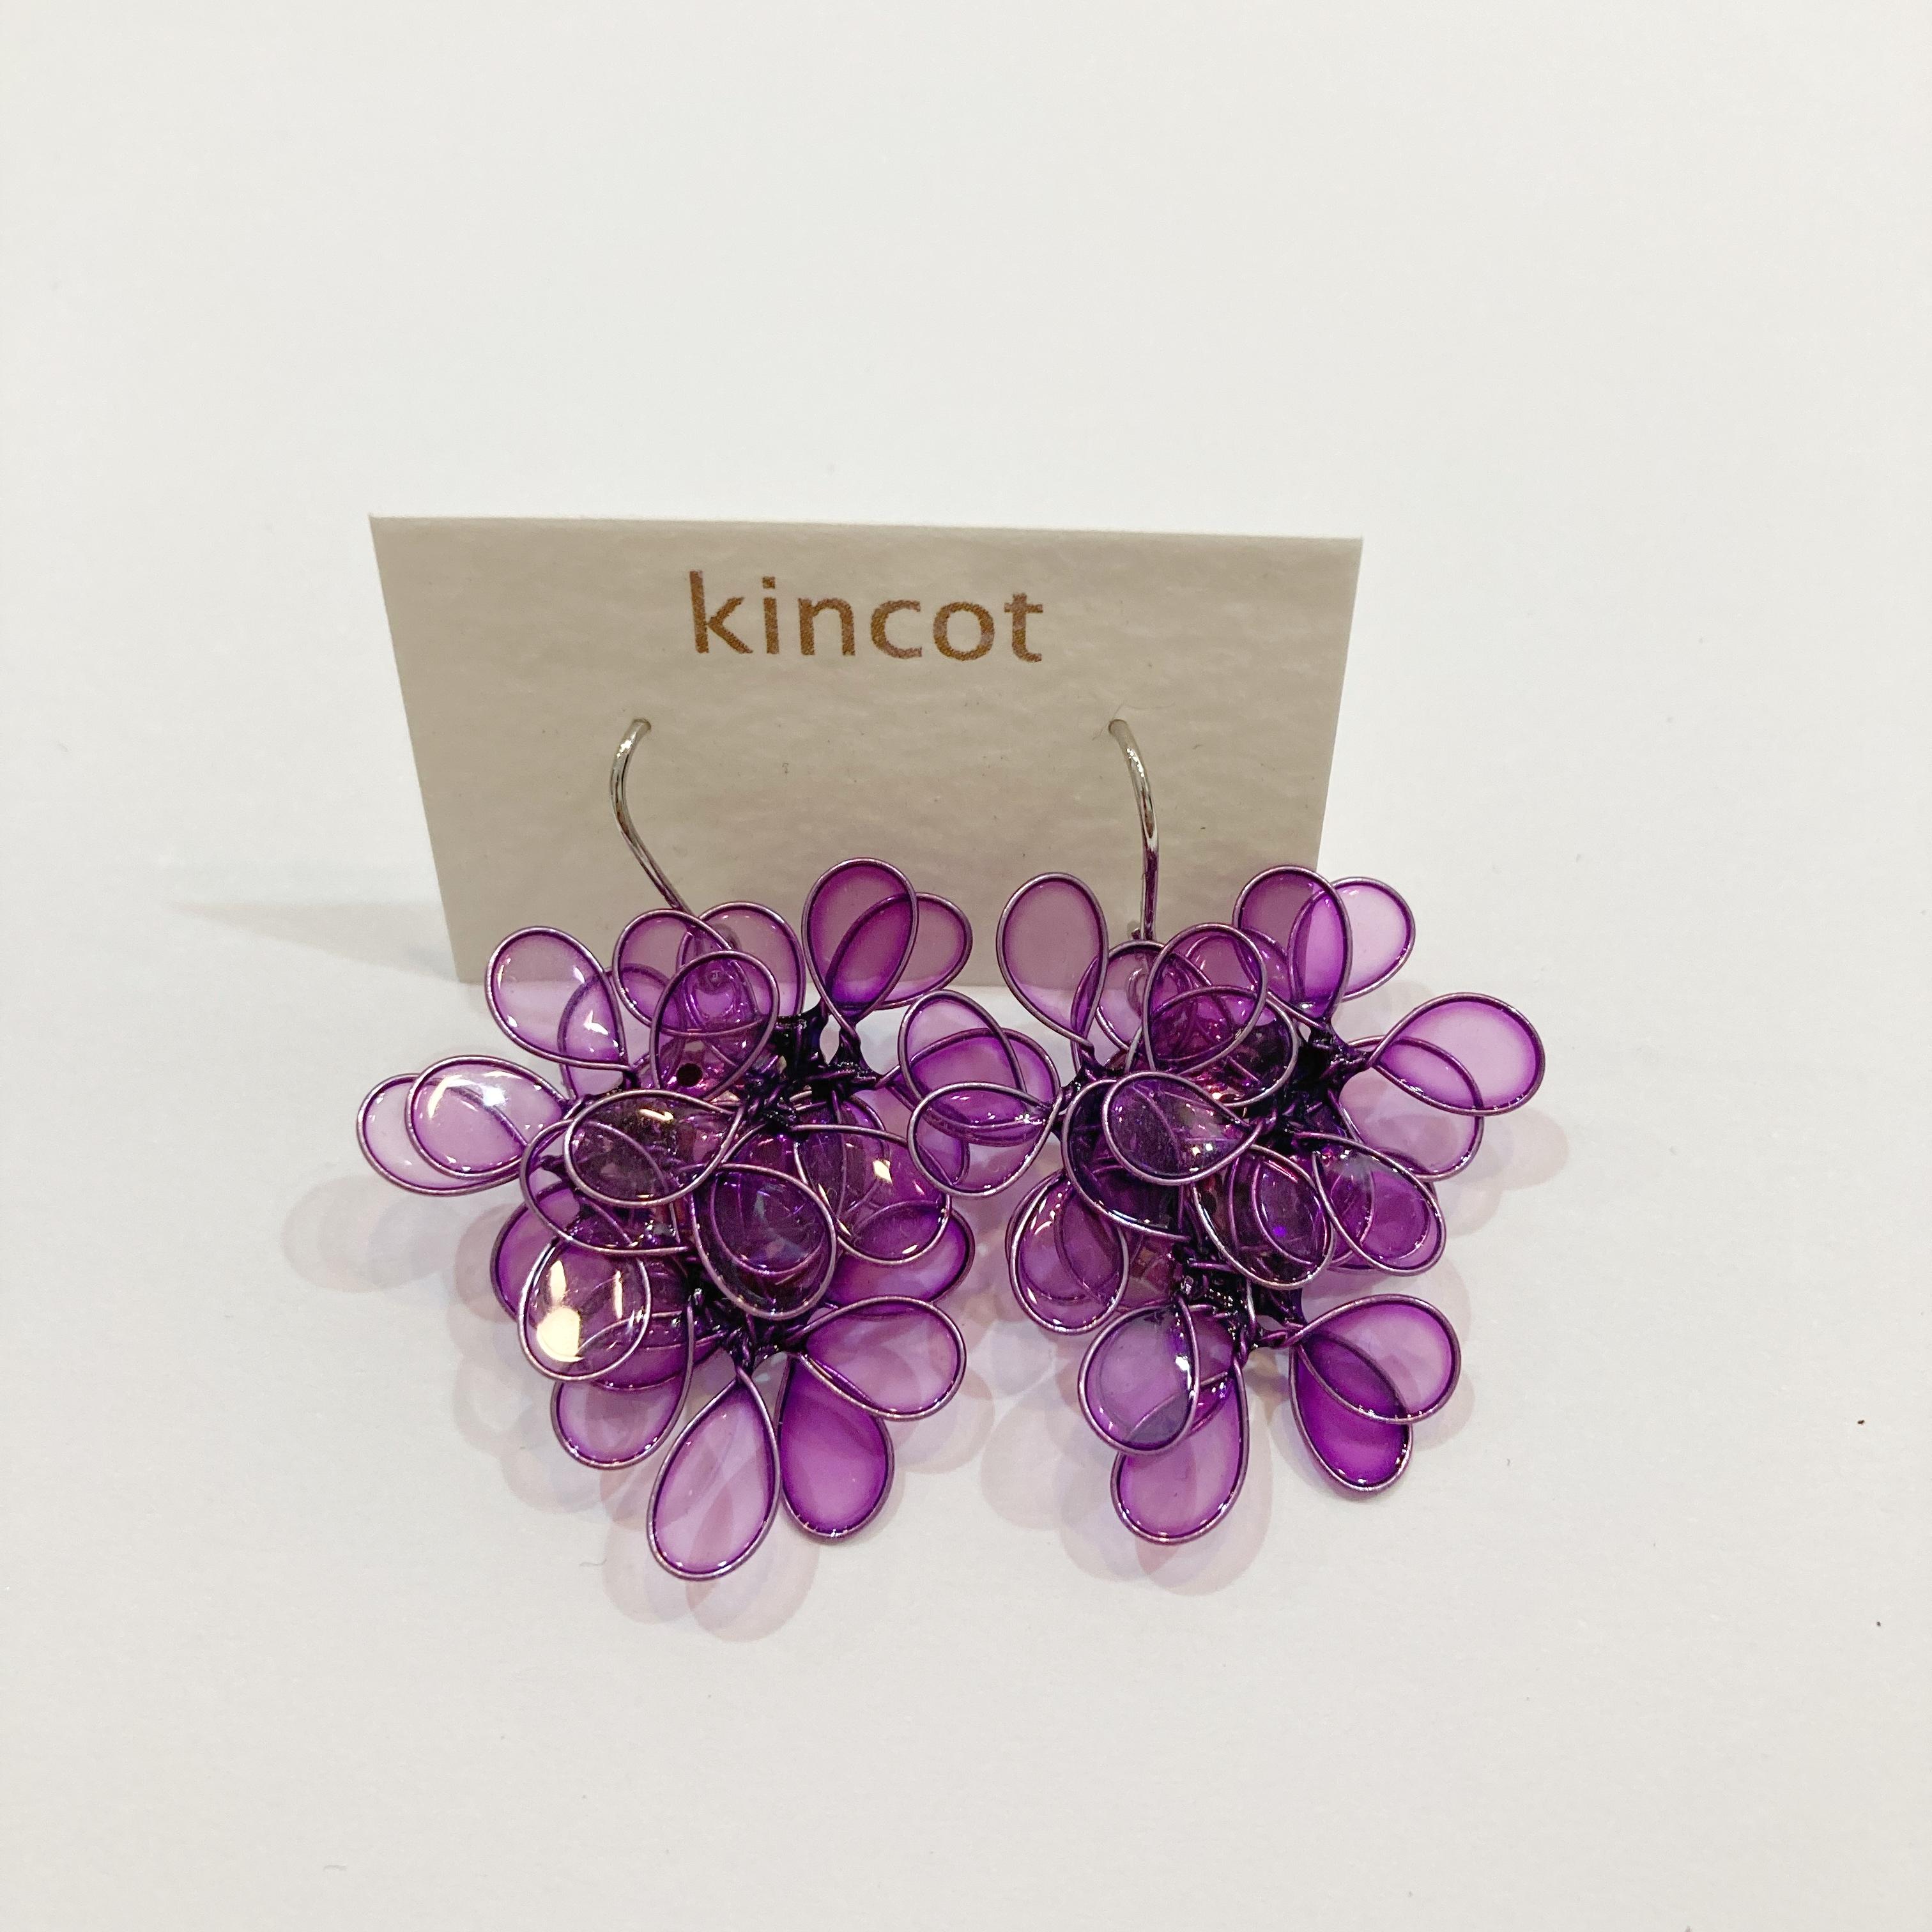 【kincot】アメリカンフラワーピアス(クリアパープル)パーツ交換可能